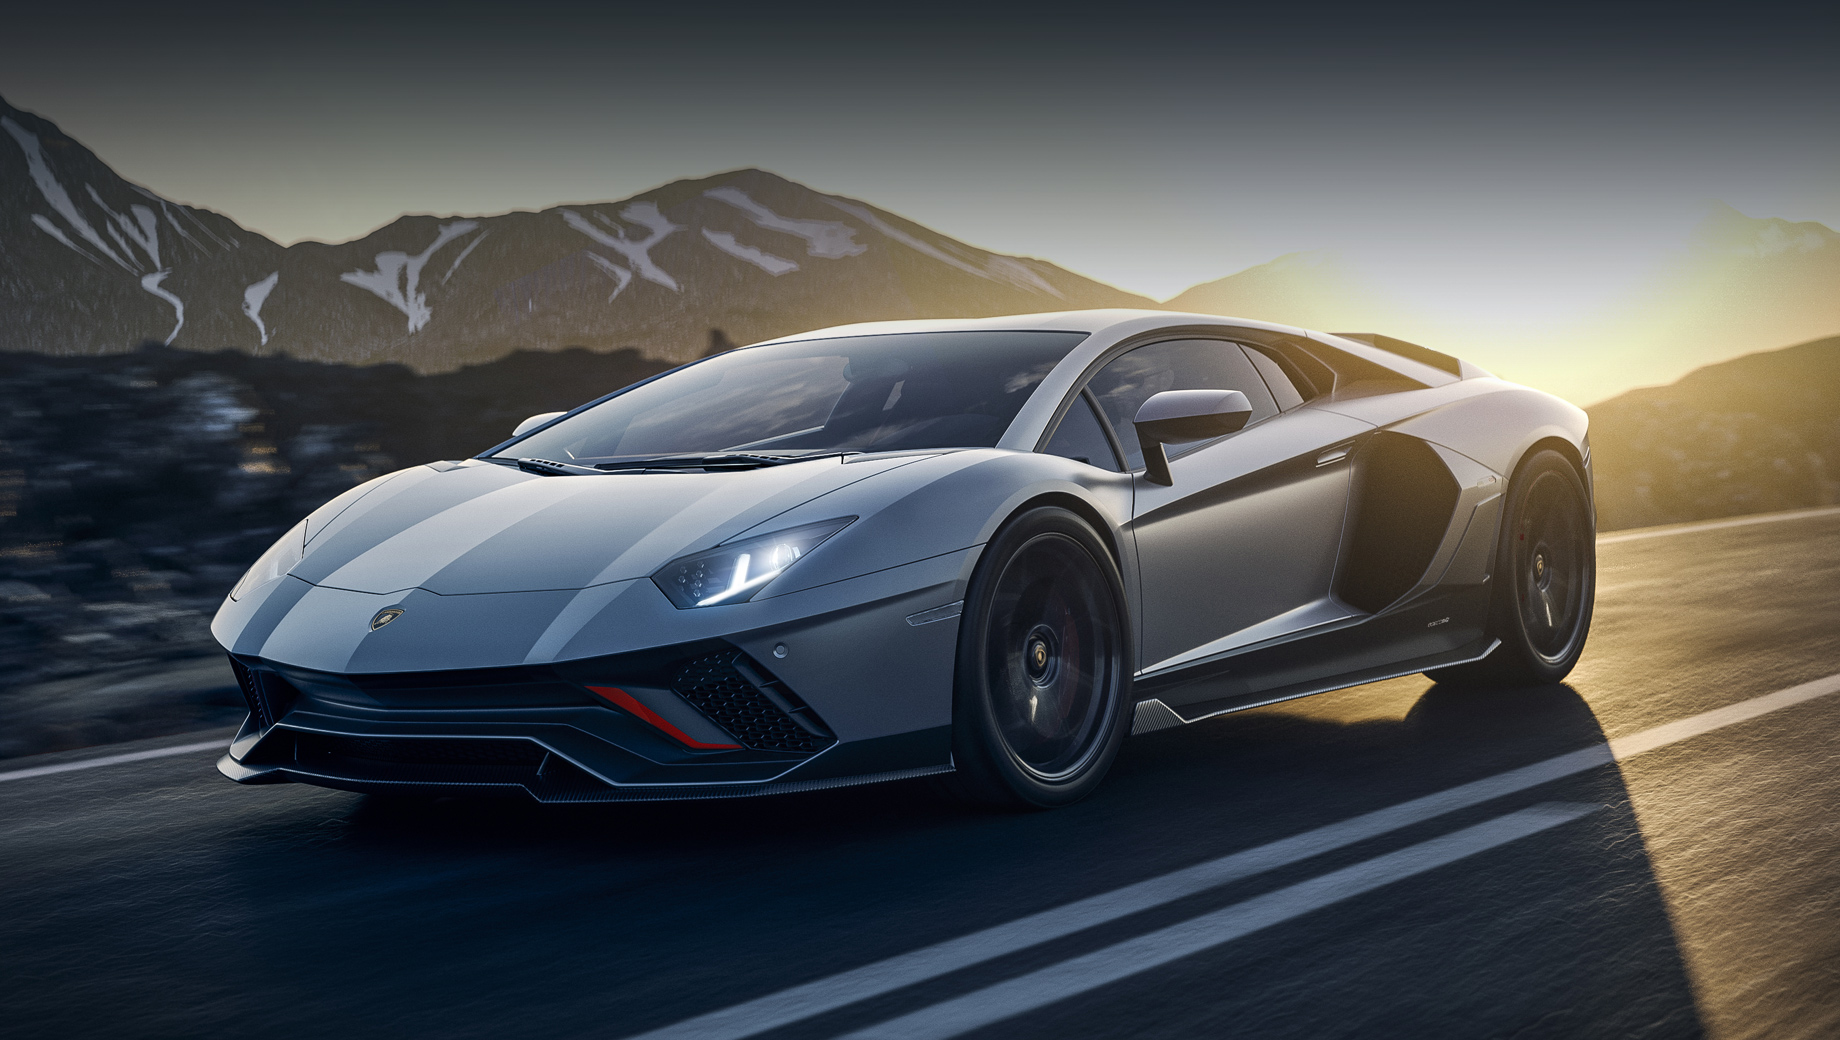 Lamborghini aventador,Lamborghini aventador ultimae. Aventador Ultimae сначала был показан в сети, но завтра он появится вживую на фестивале скорости в Гудвуде.